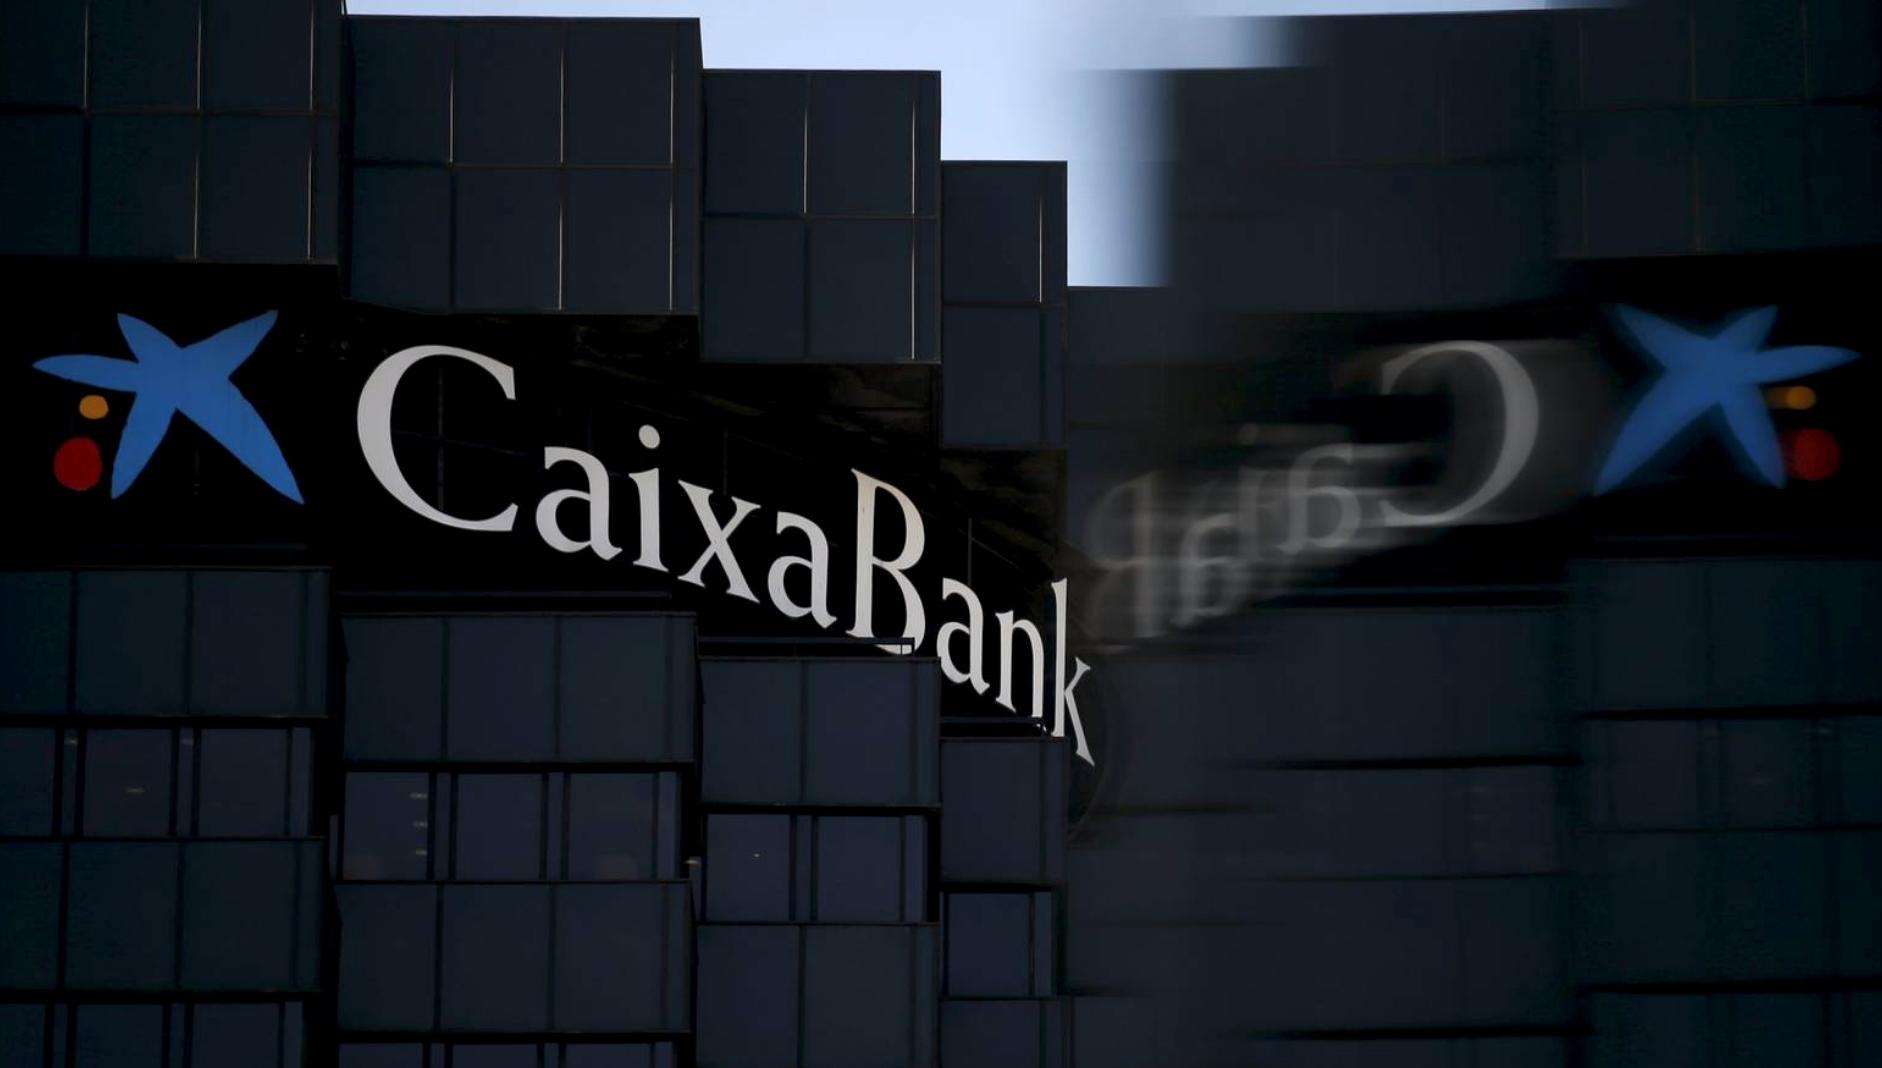 CAIXABANK, ENTIDAD ESCOGIDA PARA AVALAR LAS CANTIDADES DEL RESIDENCIAL MIRAMAR CASTELLON